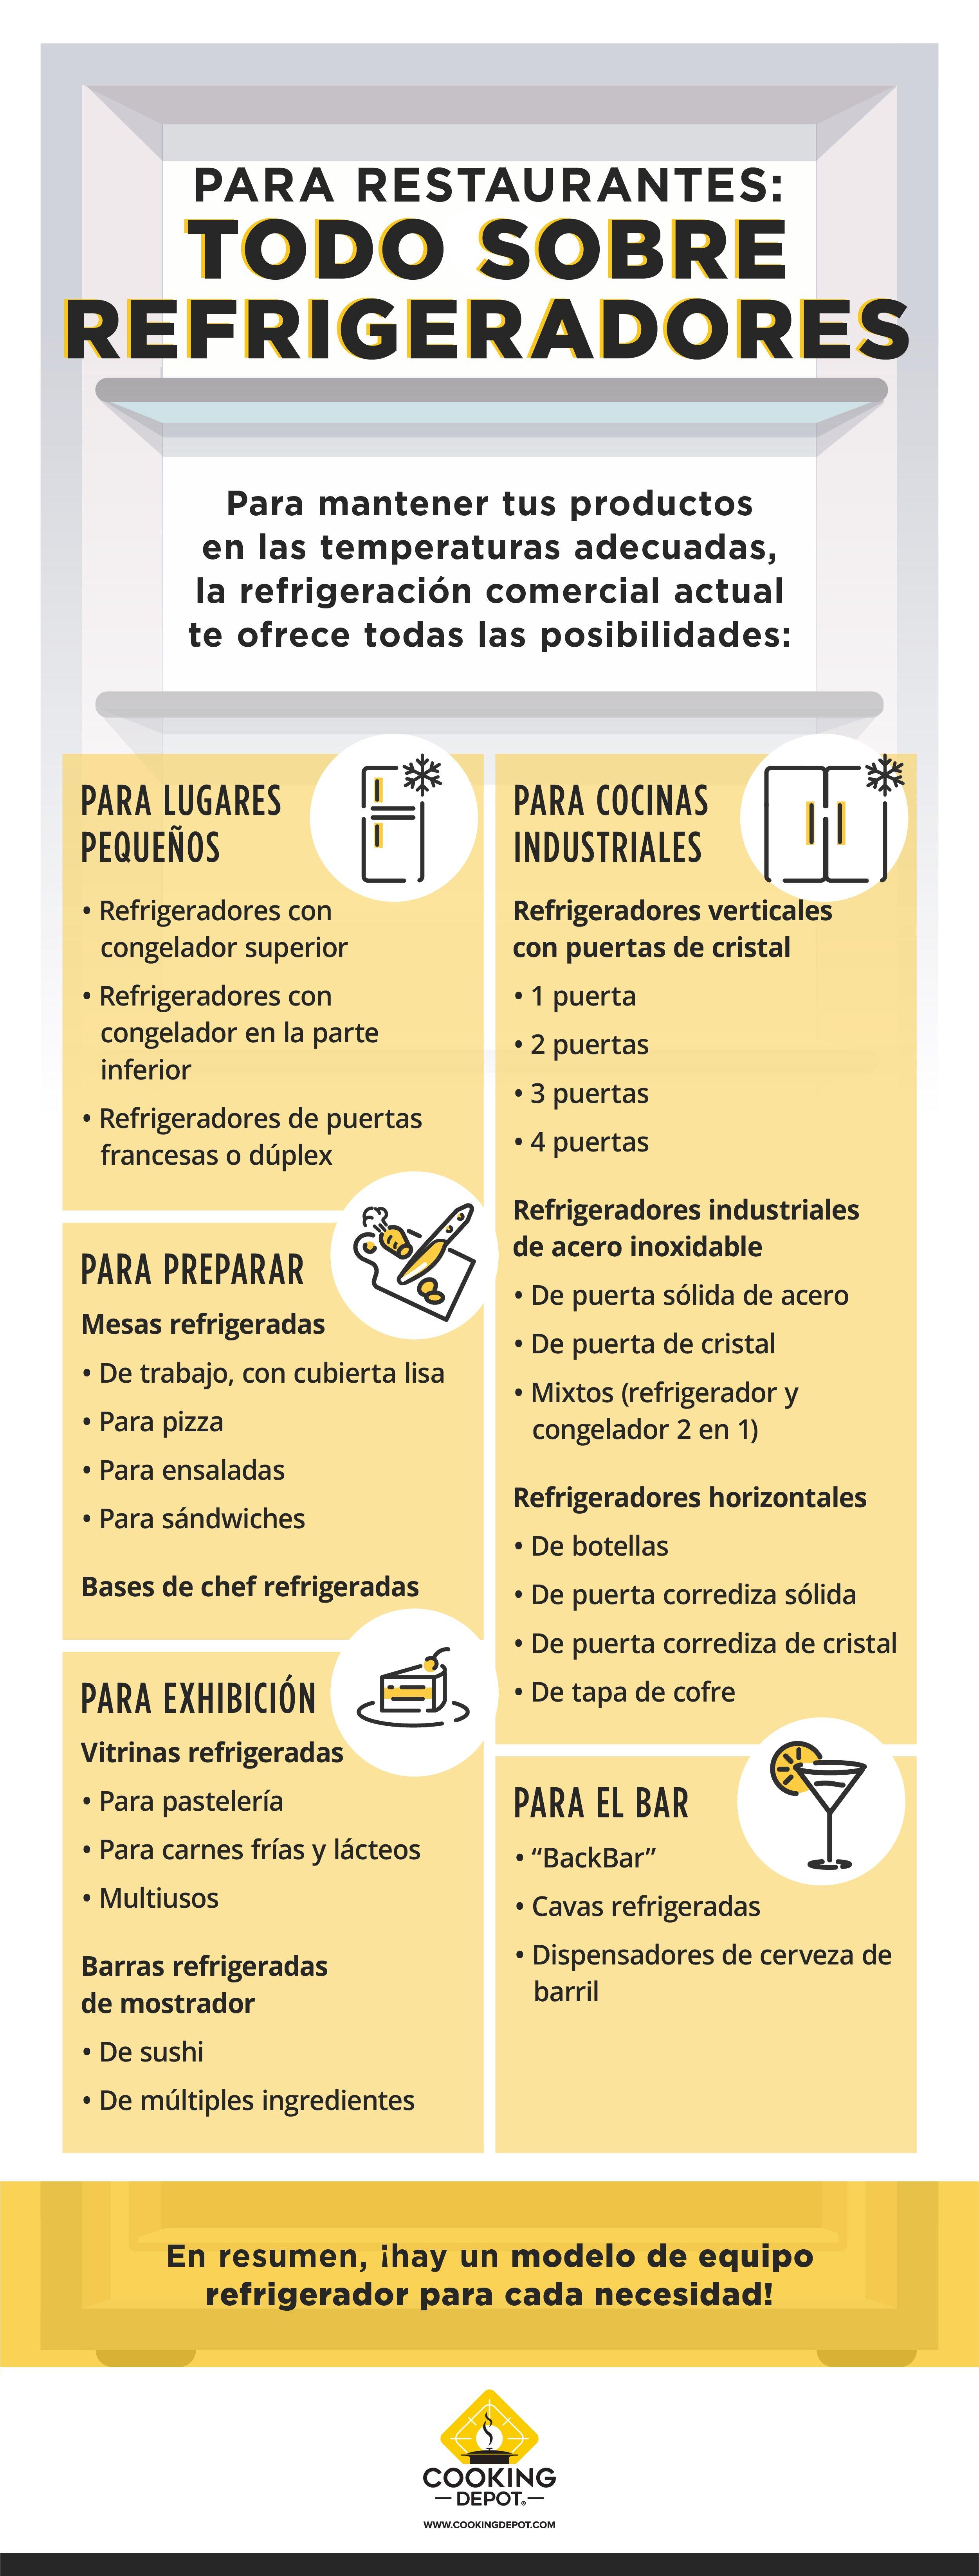 CD-Blog no. 4 Para restaurantes_ Todo sobre refrigeradores_INFO_rev CCH